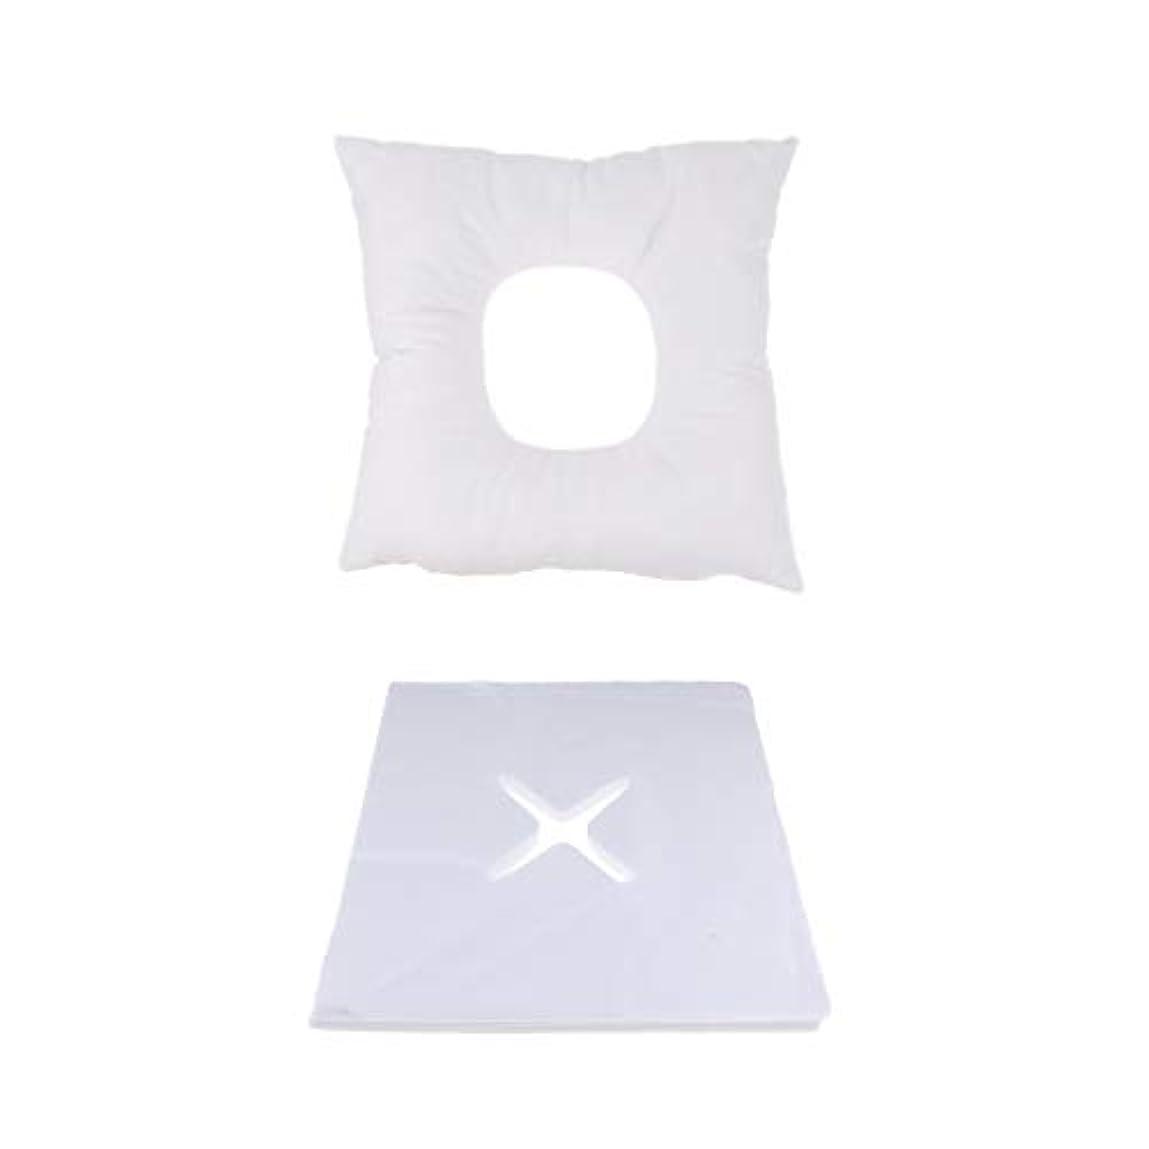 汚染数学者パイプラインP Prettyia マッサージ用クッション マッサージ枕 顔枕 フェイスマット 200個使い捨てピローカバー付 快適